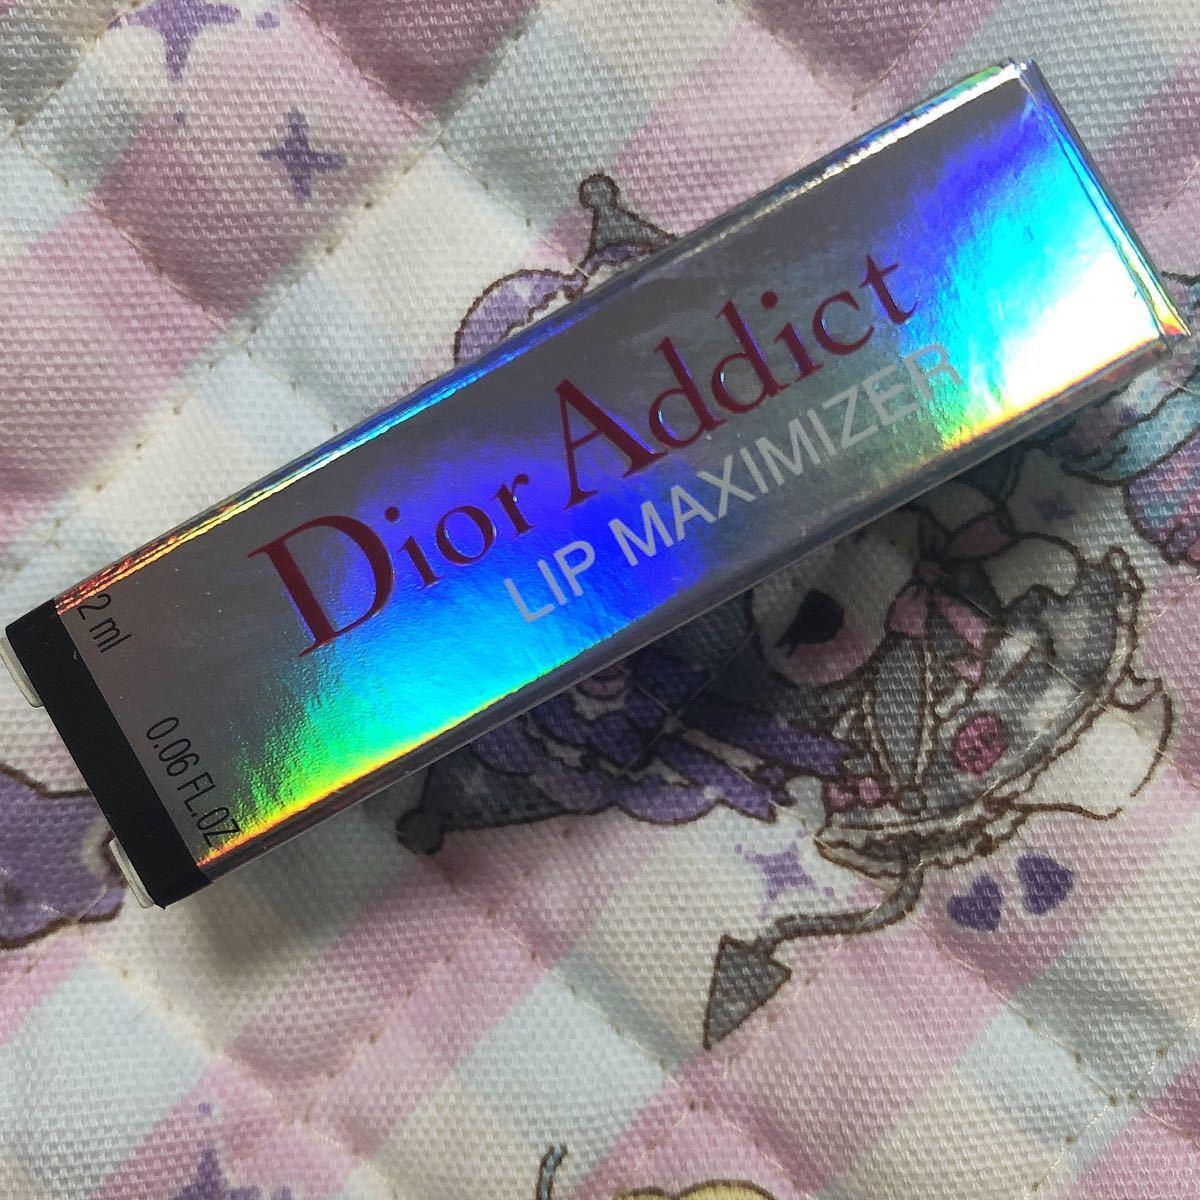 Dior  ディオール  アディクトリップマキシマイザー  001  試供品